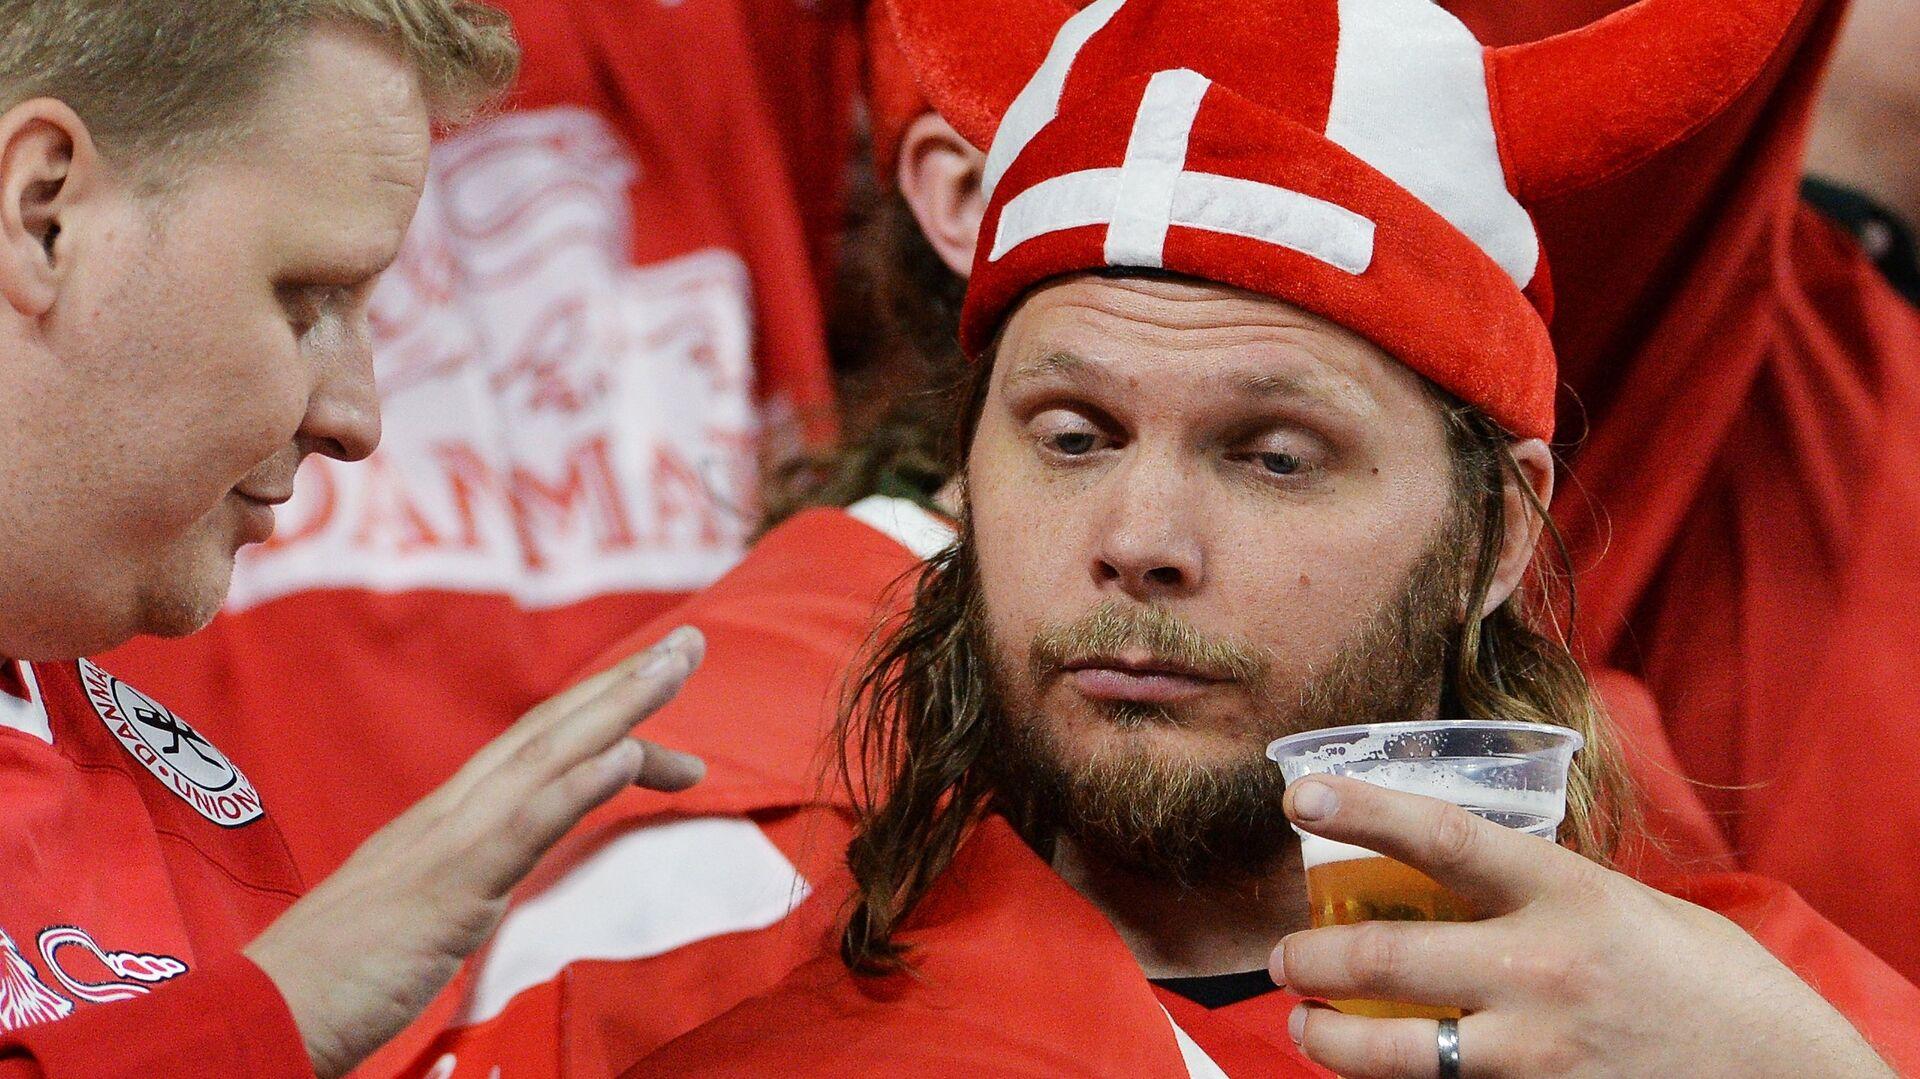 Датские болельщики пьют пиво - РИА Новости, 1920, 23.06.2021